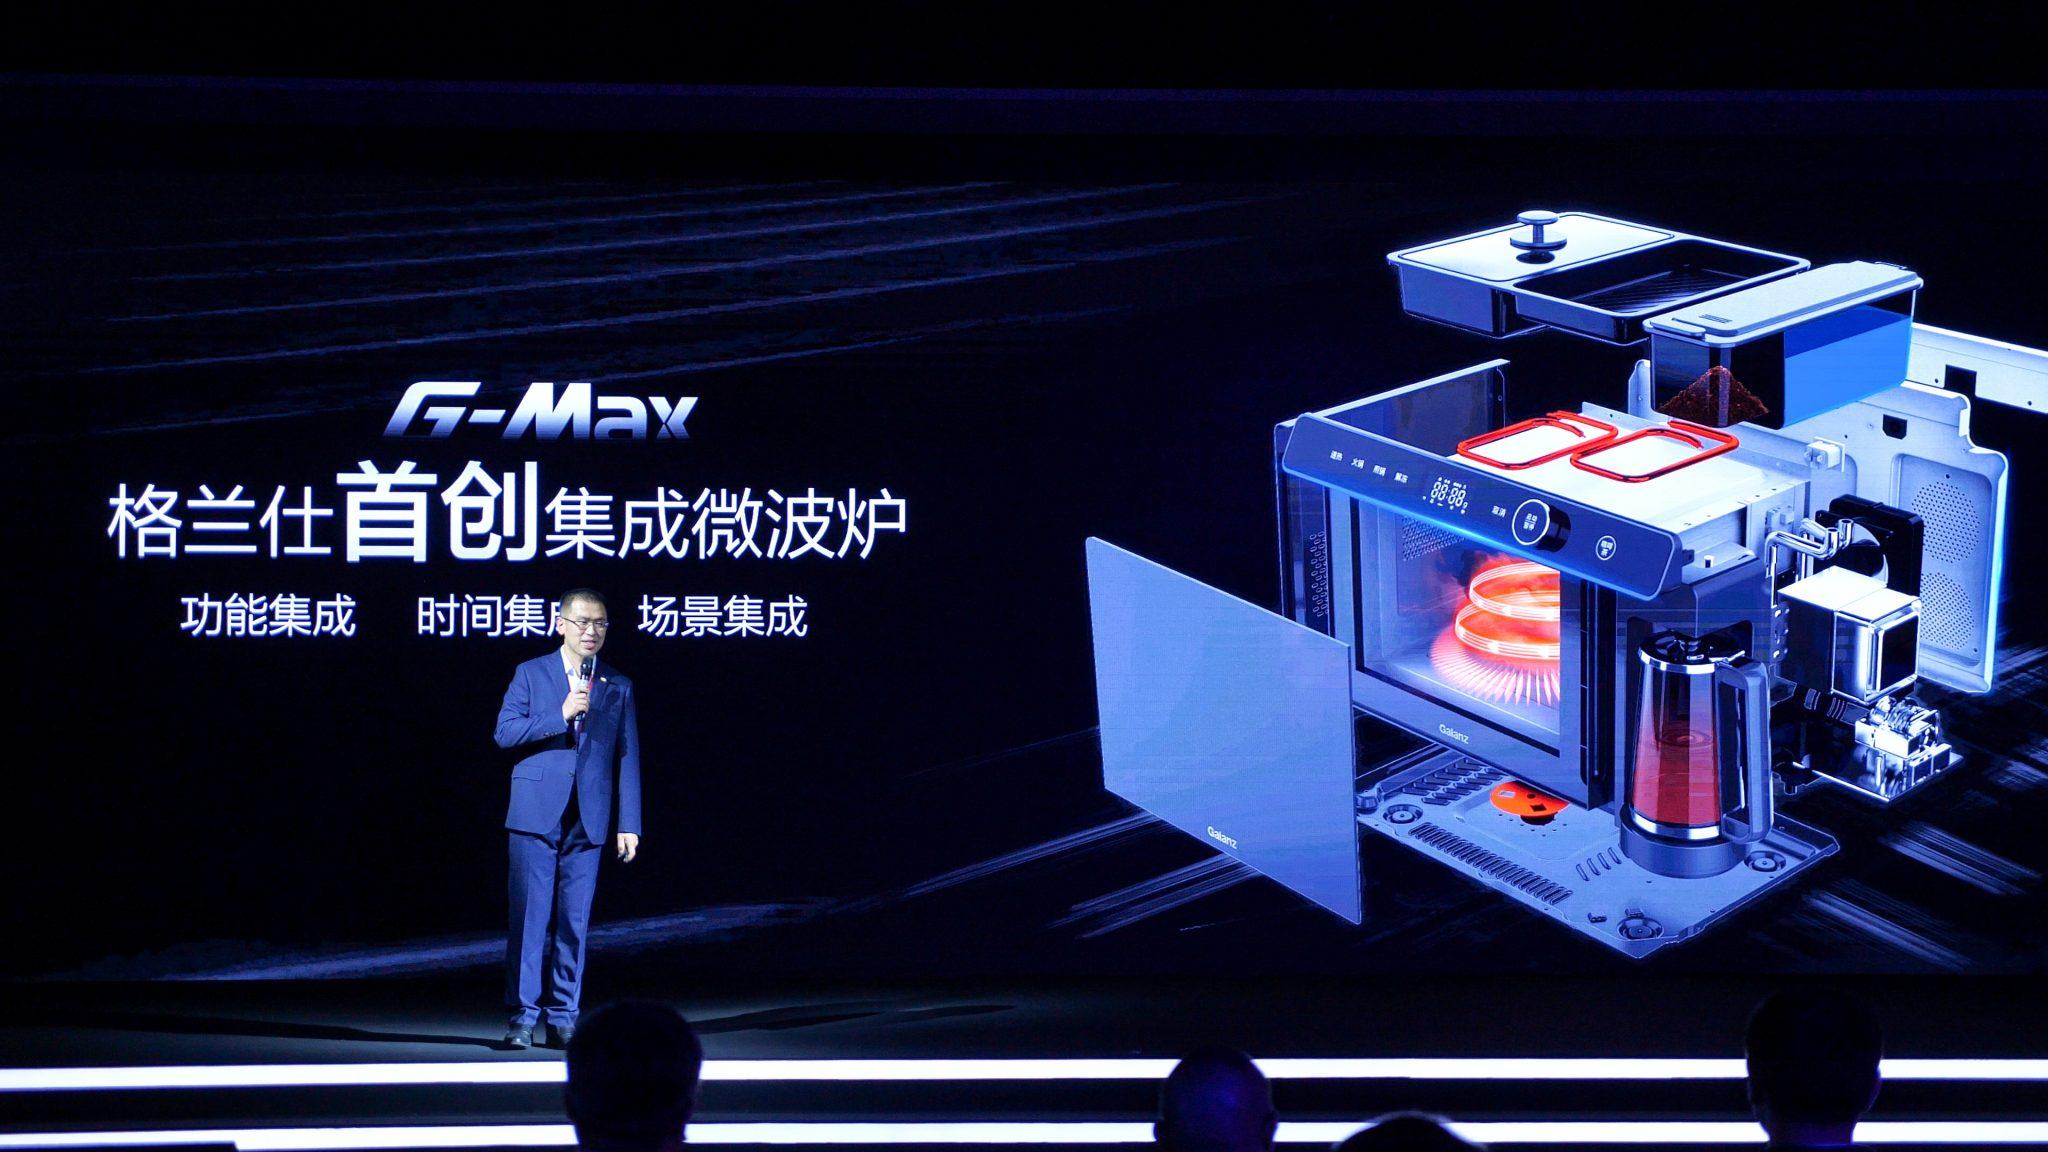 格兰仕首创对开门烤箱,并发布G-Max集成微波炉等多款家电